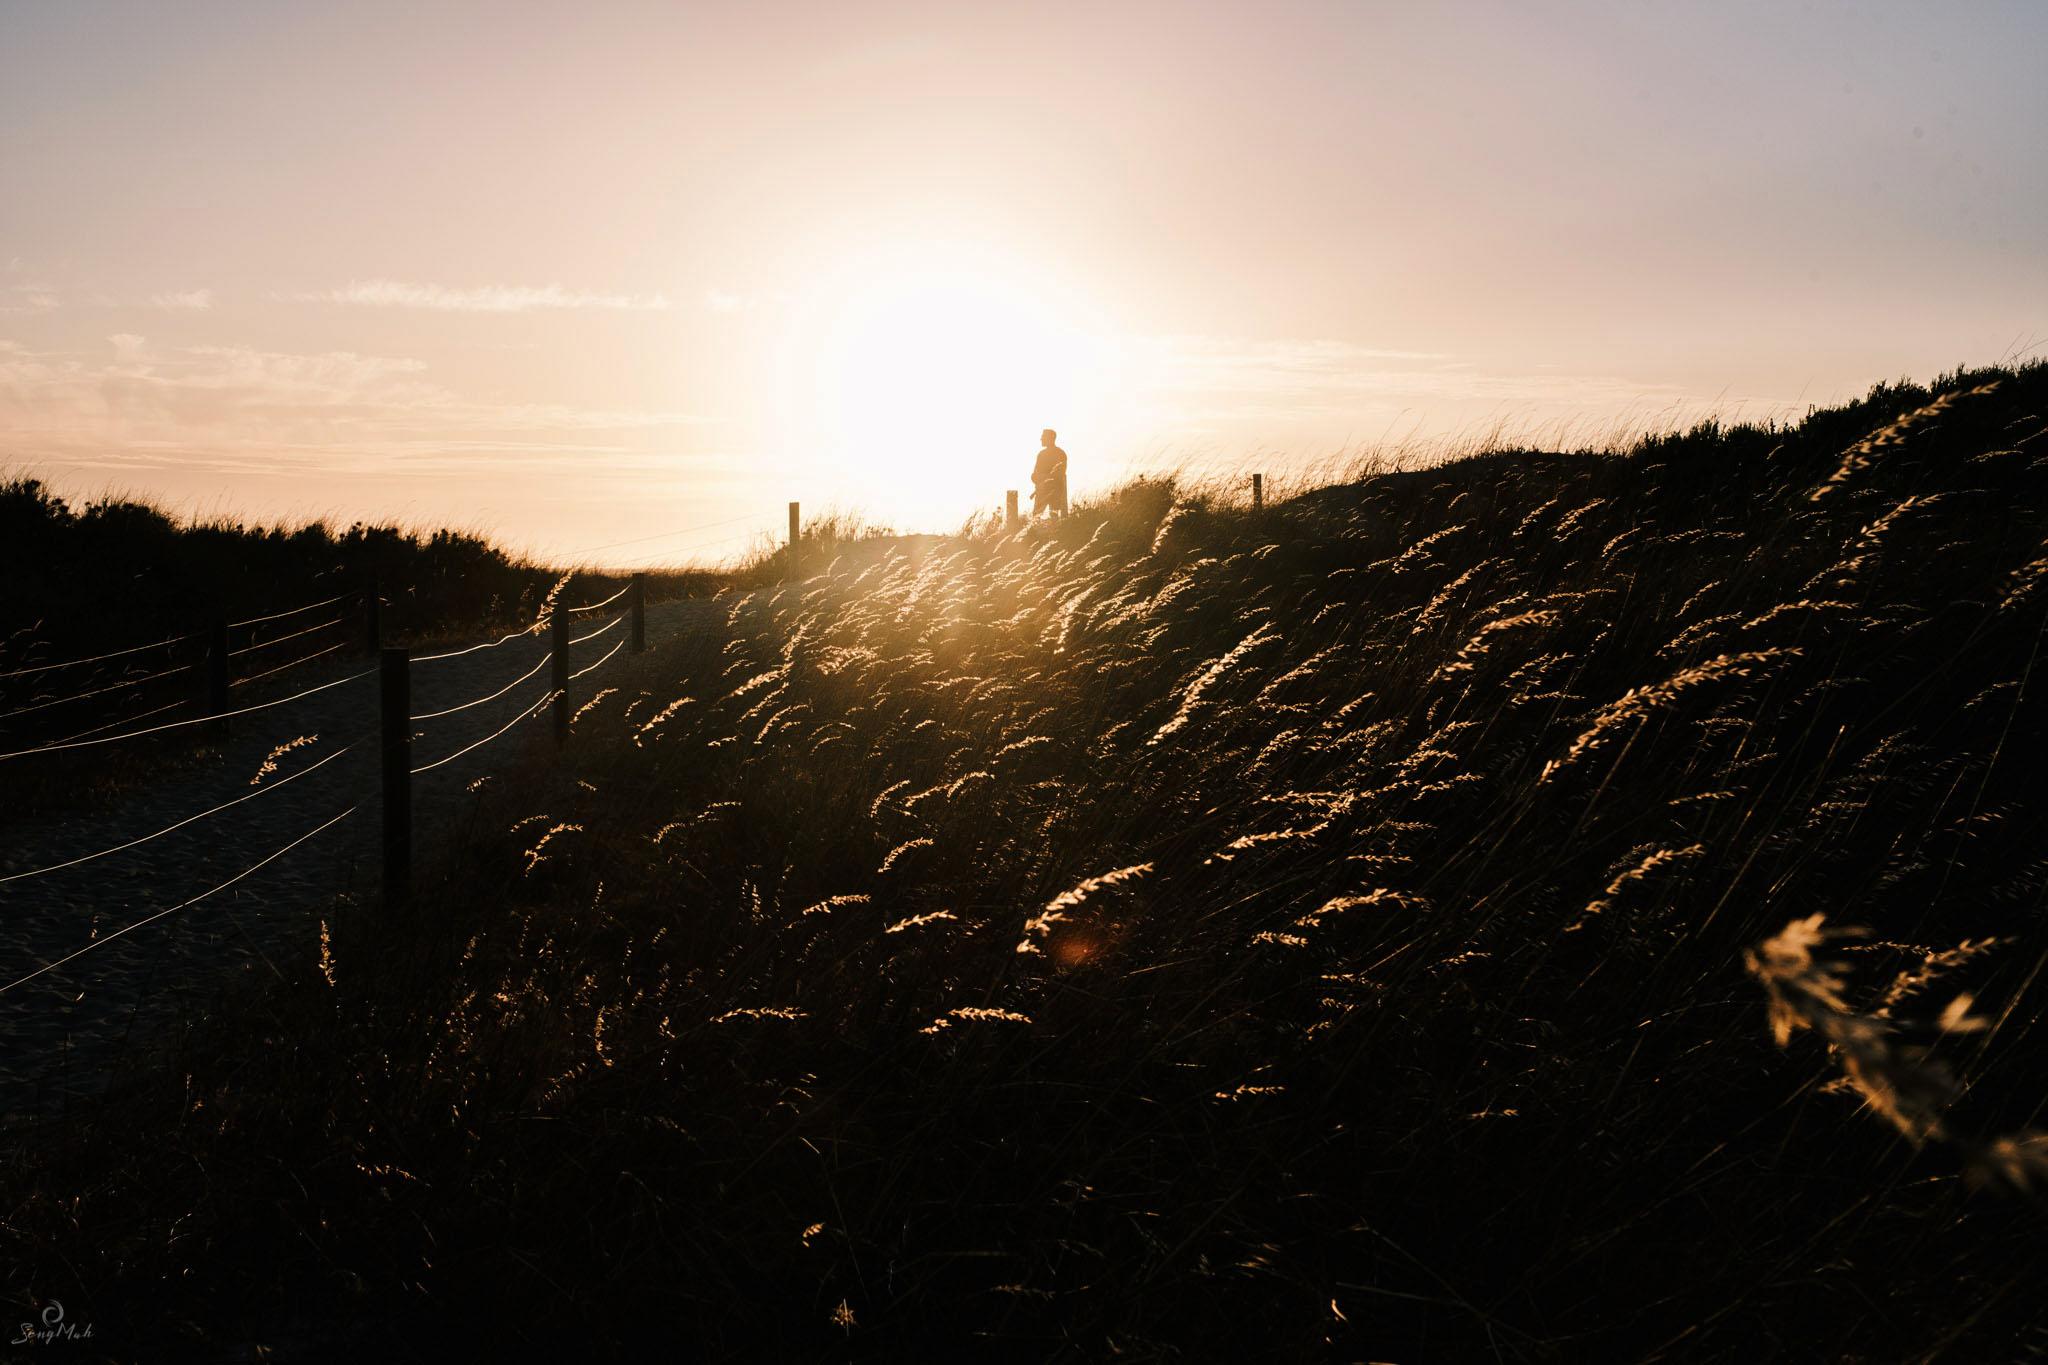 Sunset - Fujifilm XPro 3